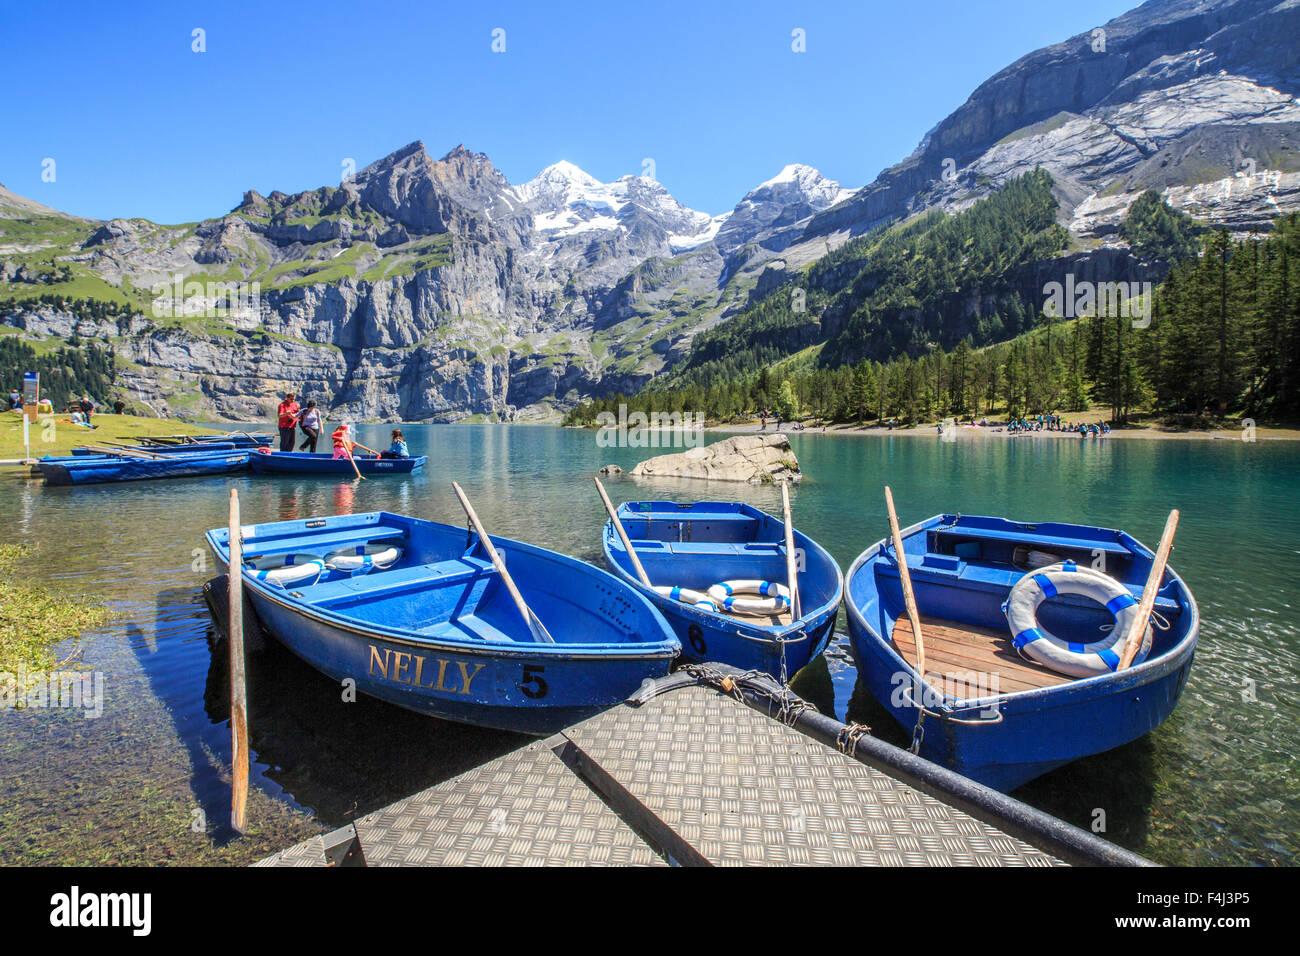 Excursion en bateau autour du lac Oeschinensee, Oberland Bernois, Kandersteg, Canton de Berne, Suisse, Europe Photo Stock